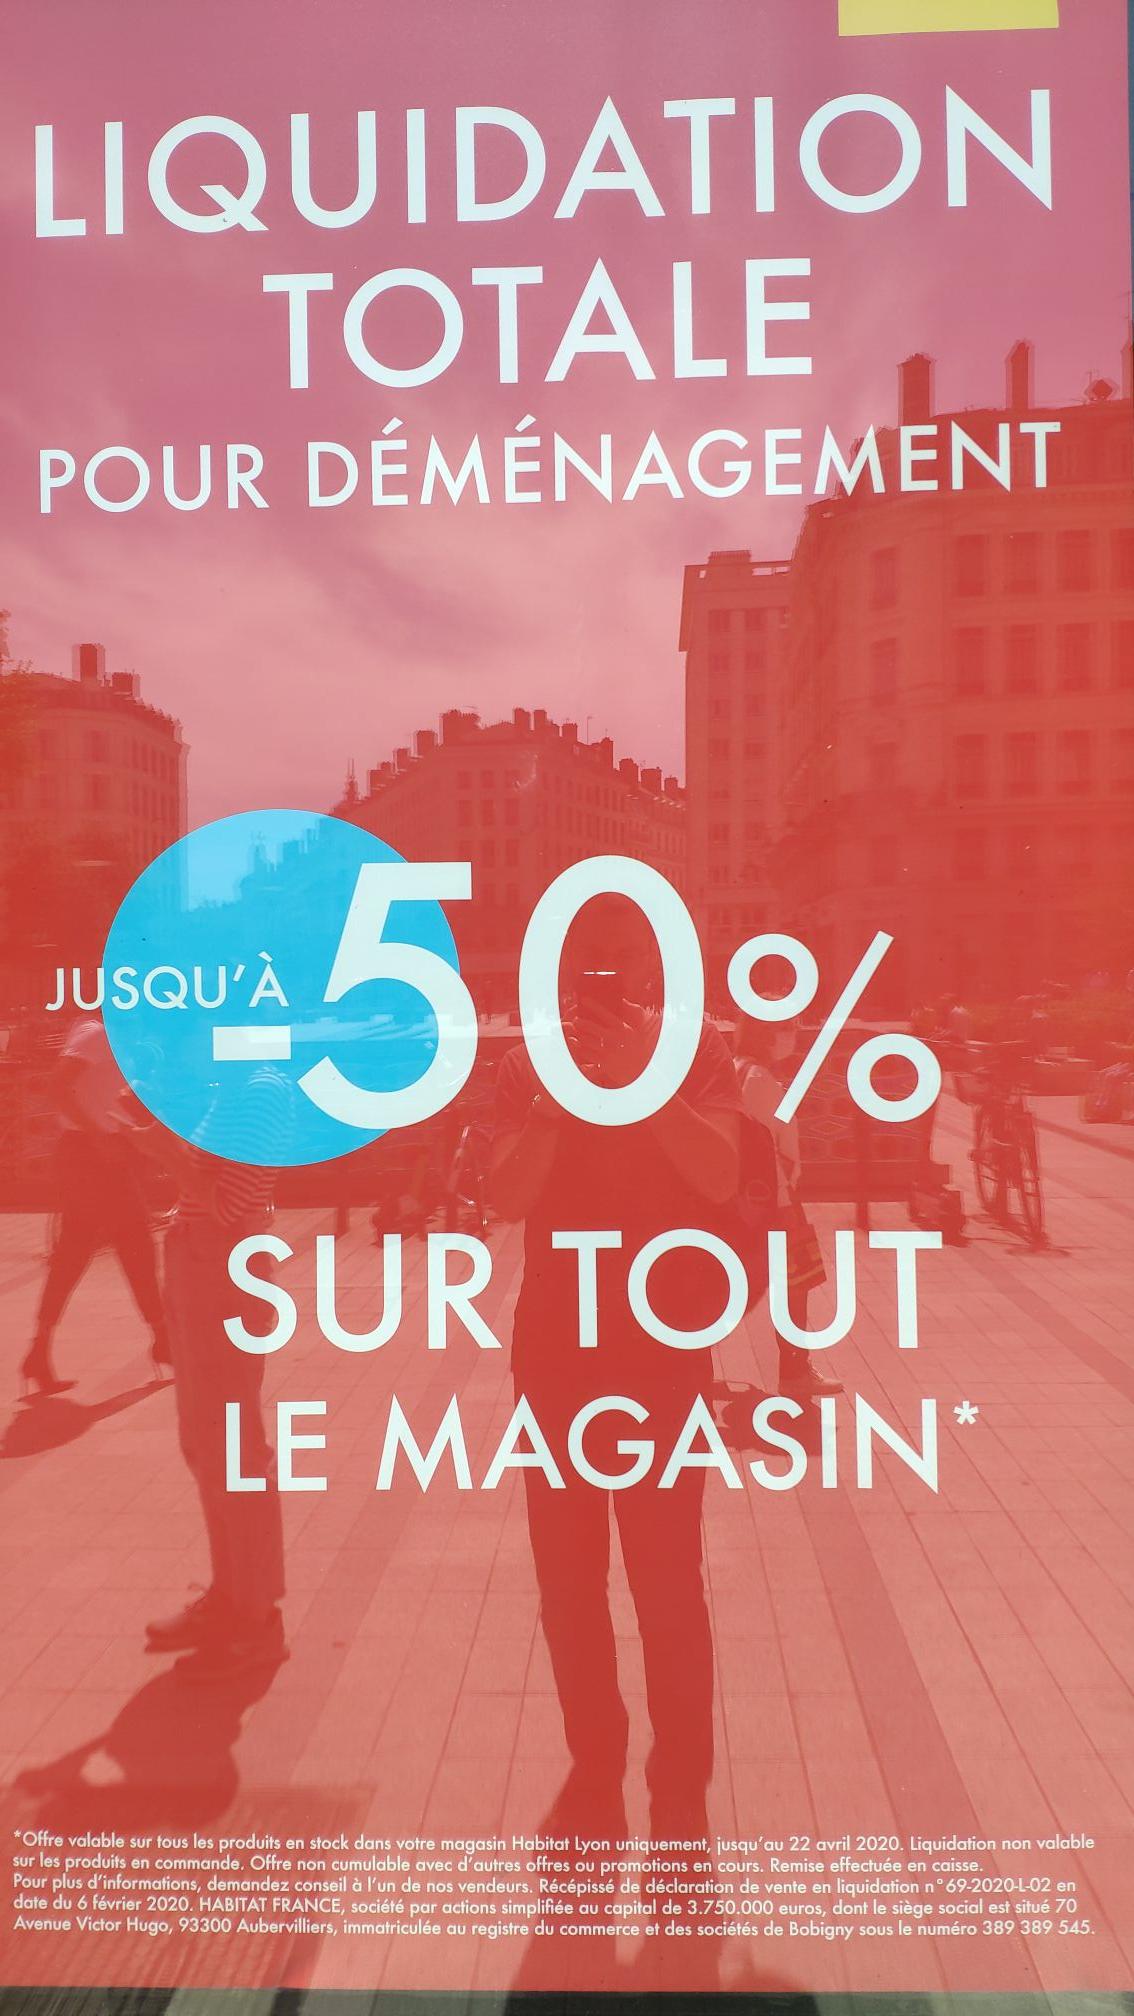 Jusqu'à 50% de réduction sur tout le magasin (Liquidation) - Habitat Lyon (Lyon 69002)